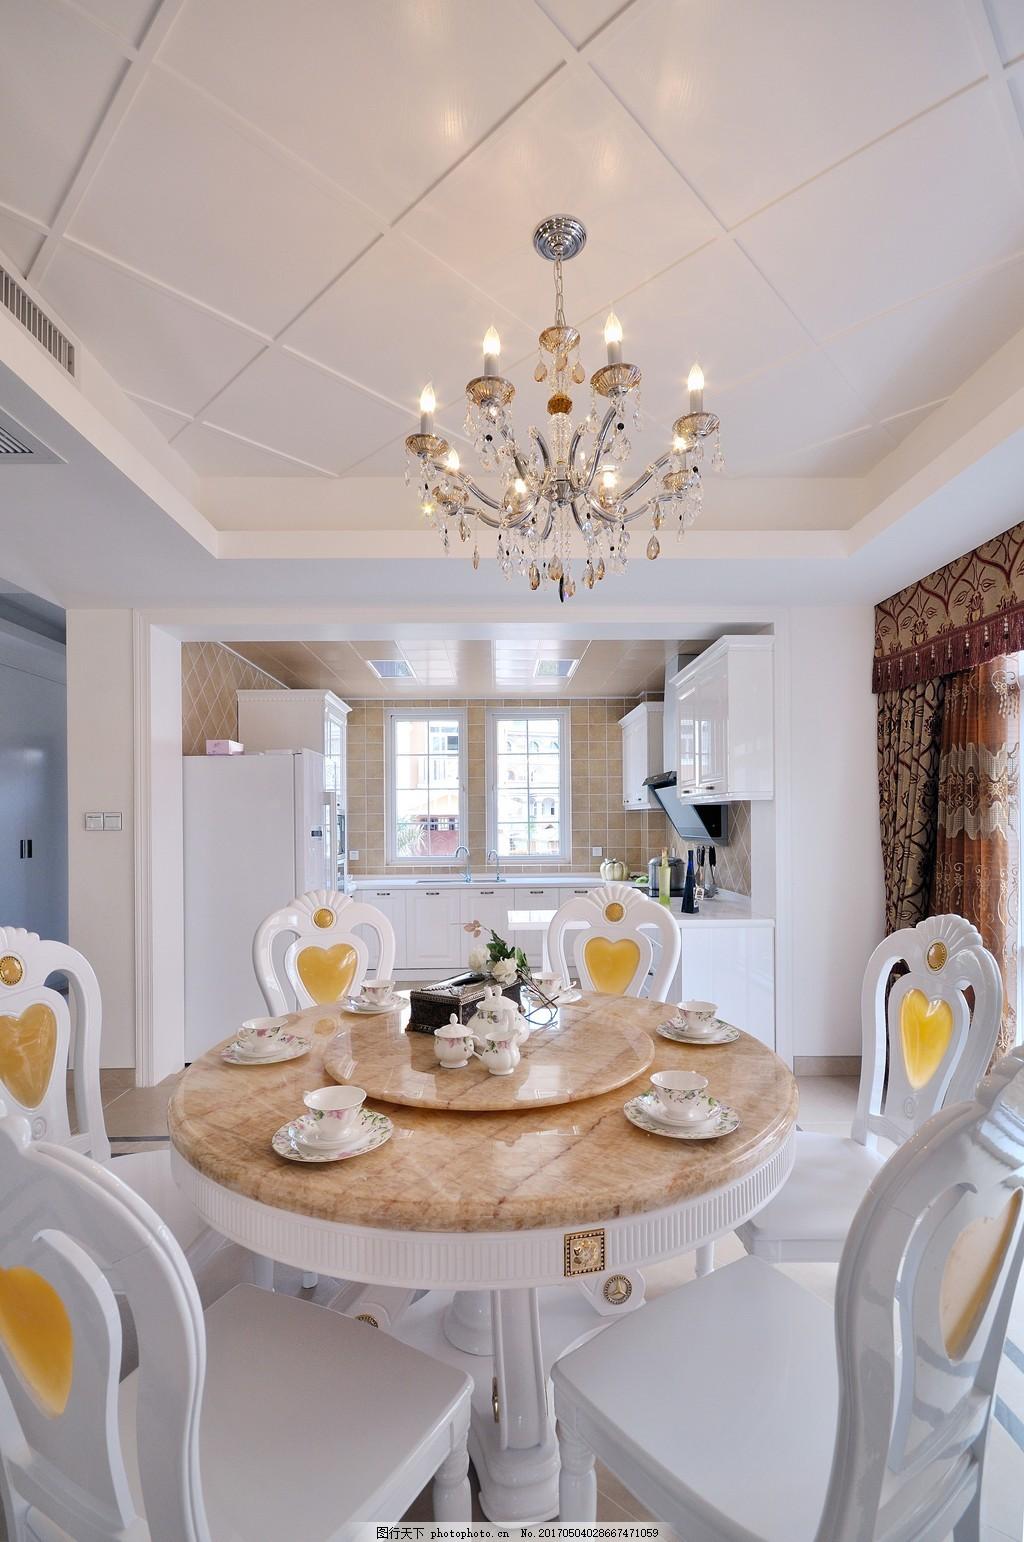 时尚餐厅餐桌餐具设计图 家居 家居生活 室内设计 装修 家具 装修设计图片